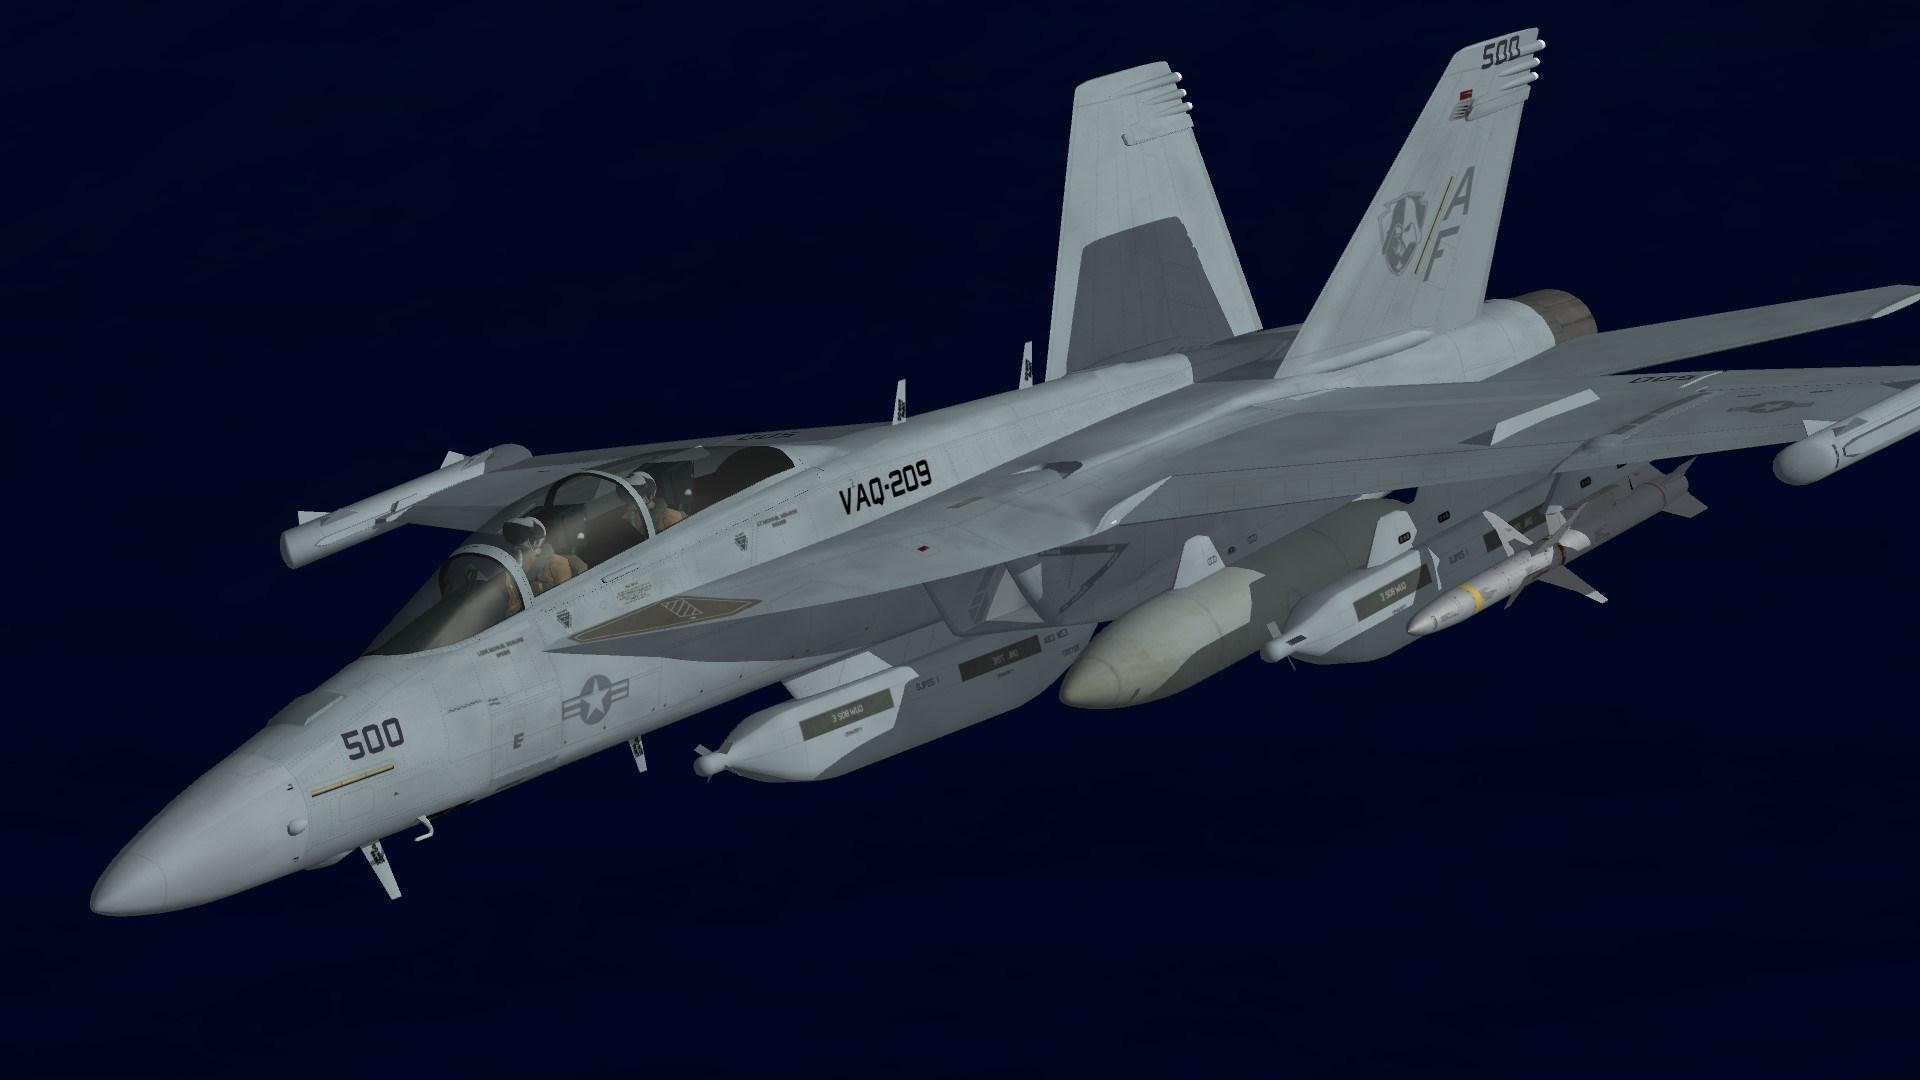 EA-18G VAQ-209 Line Jet